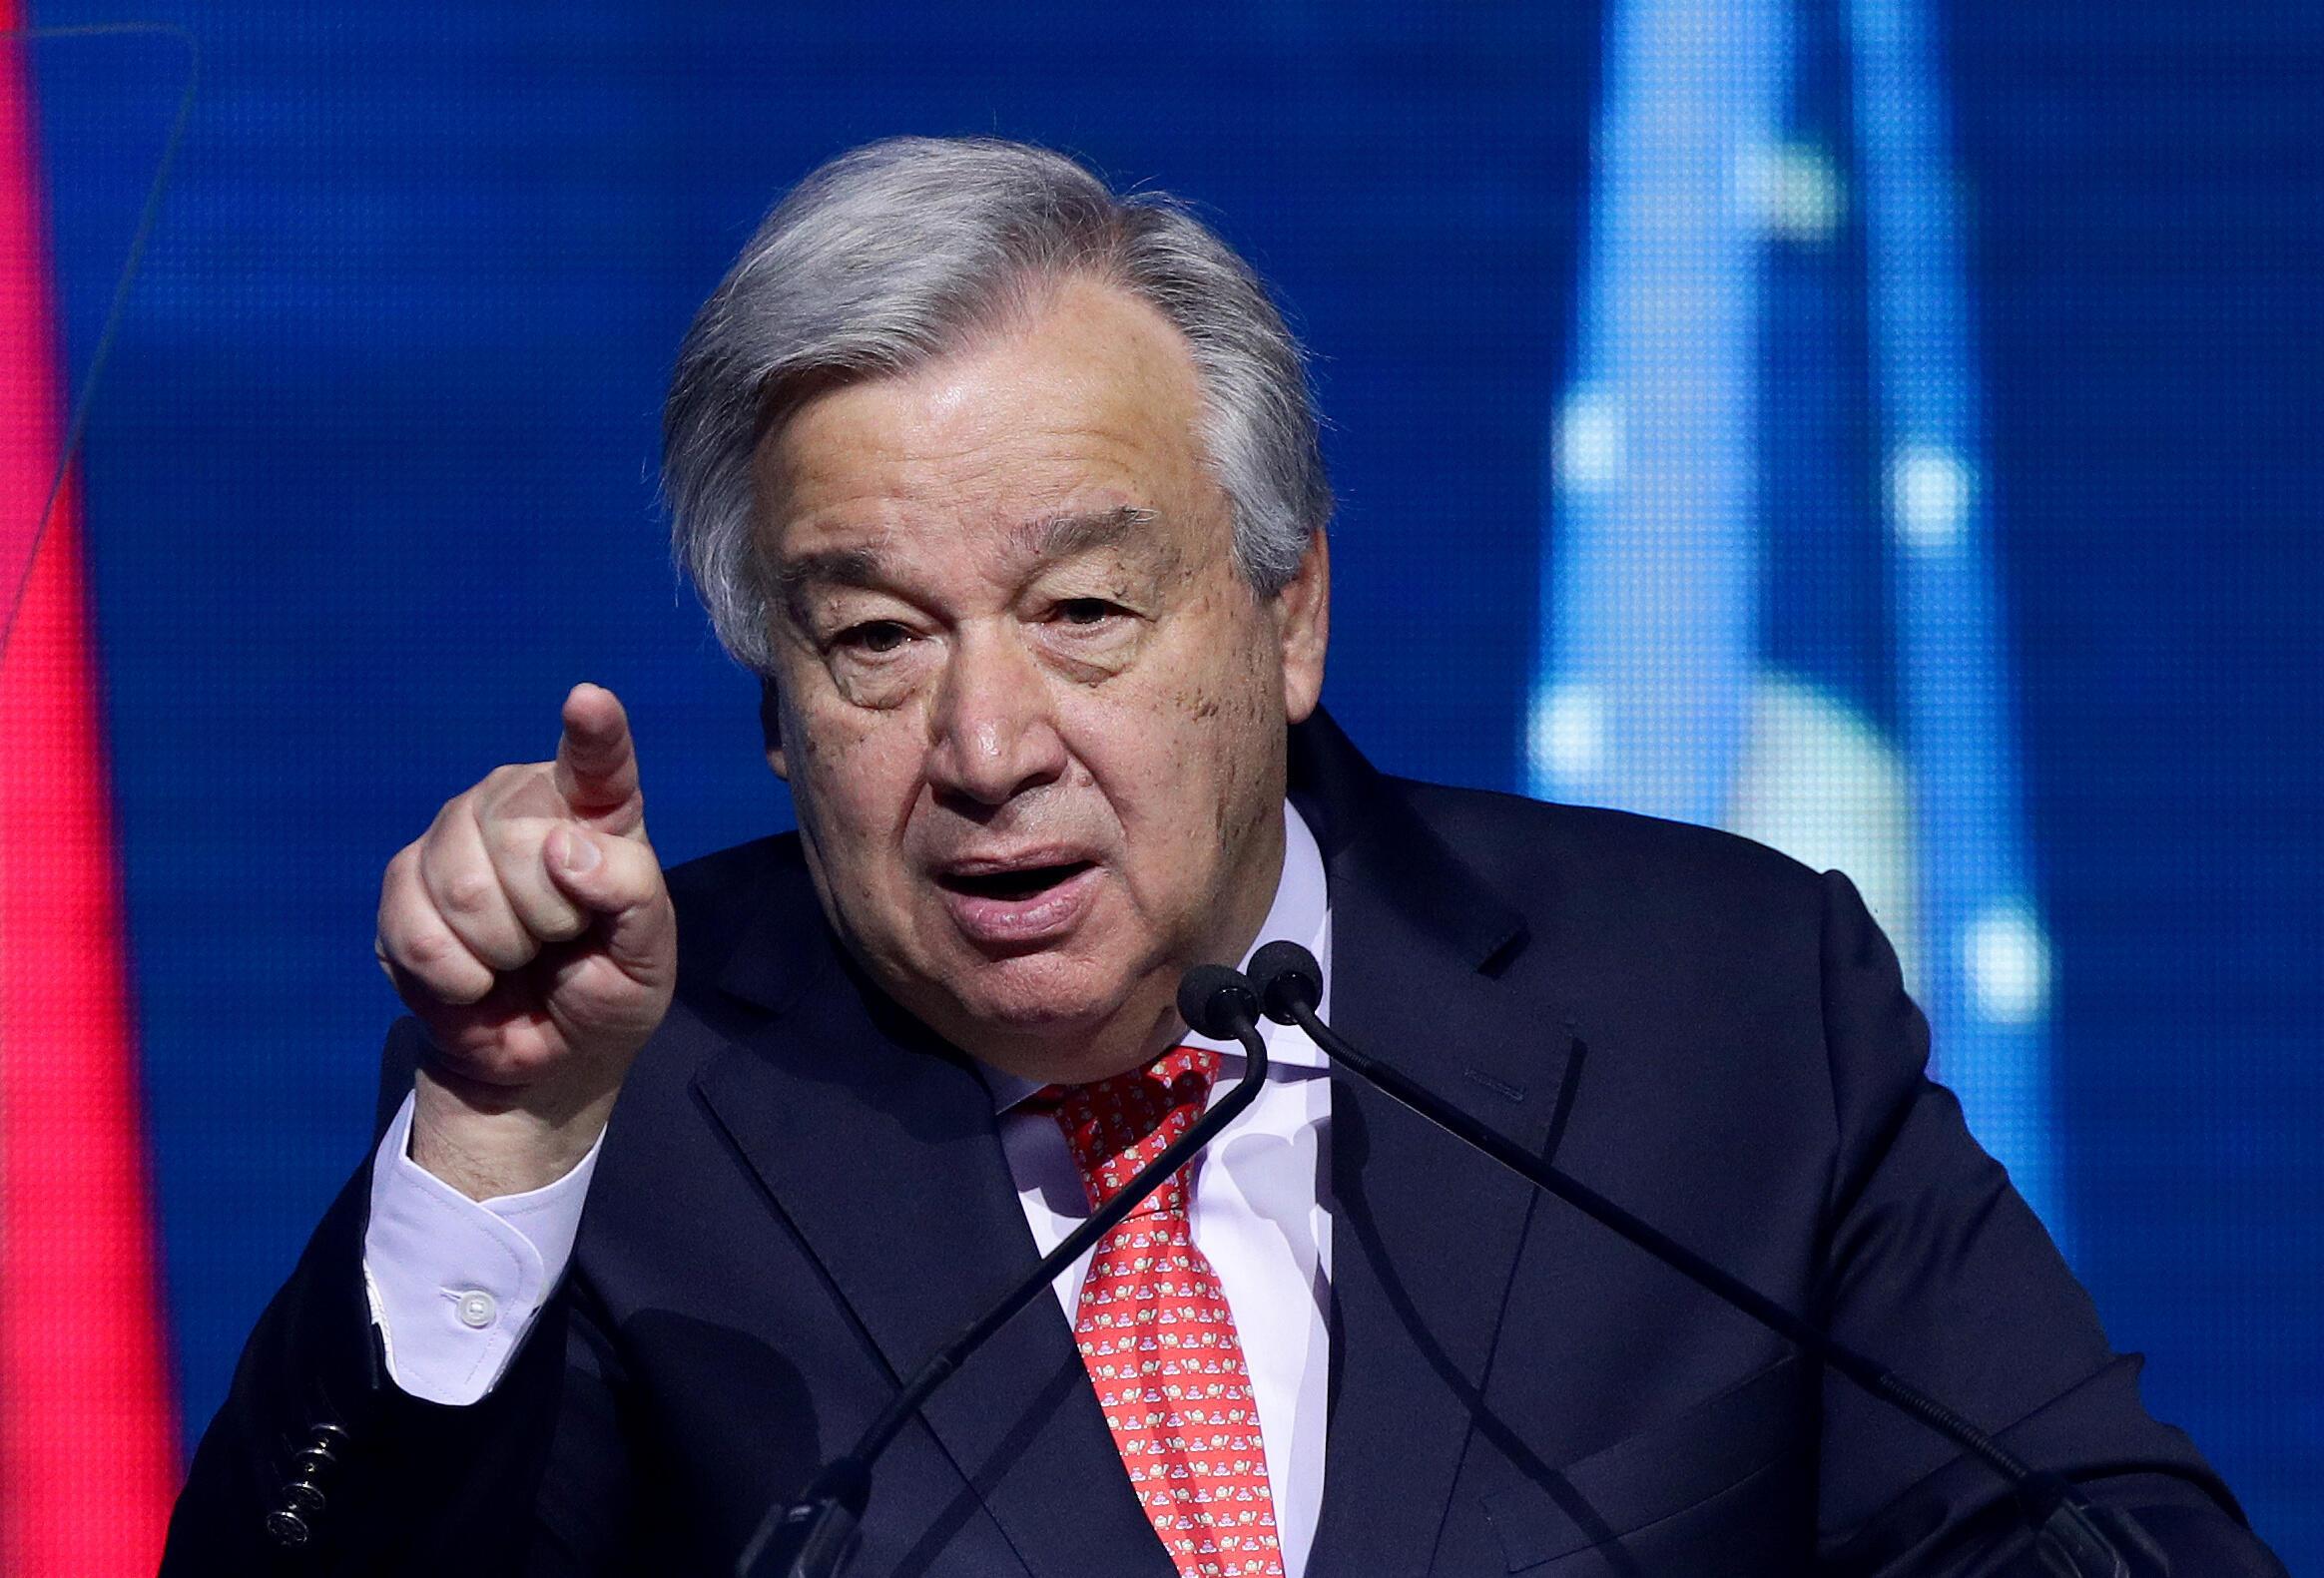 联合国秘书长古特雷斯 资料照片